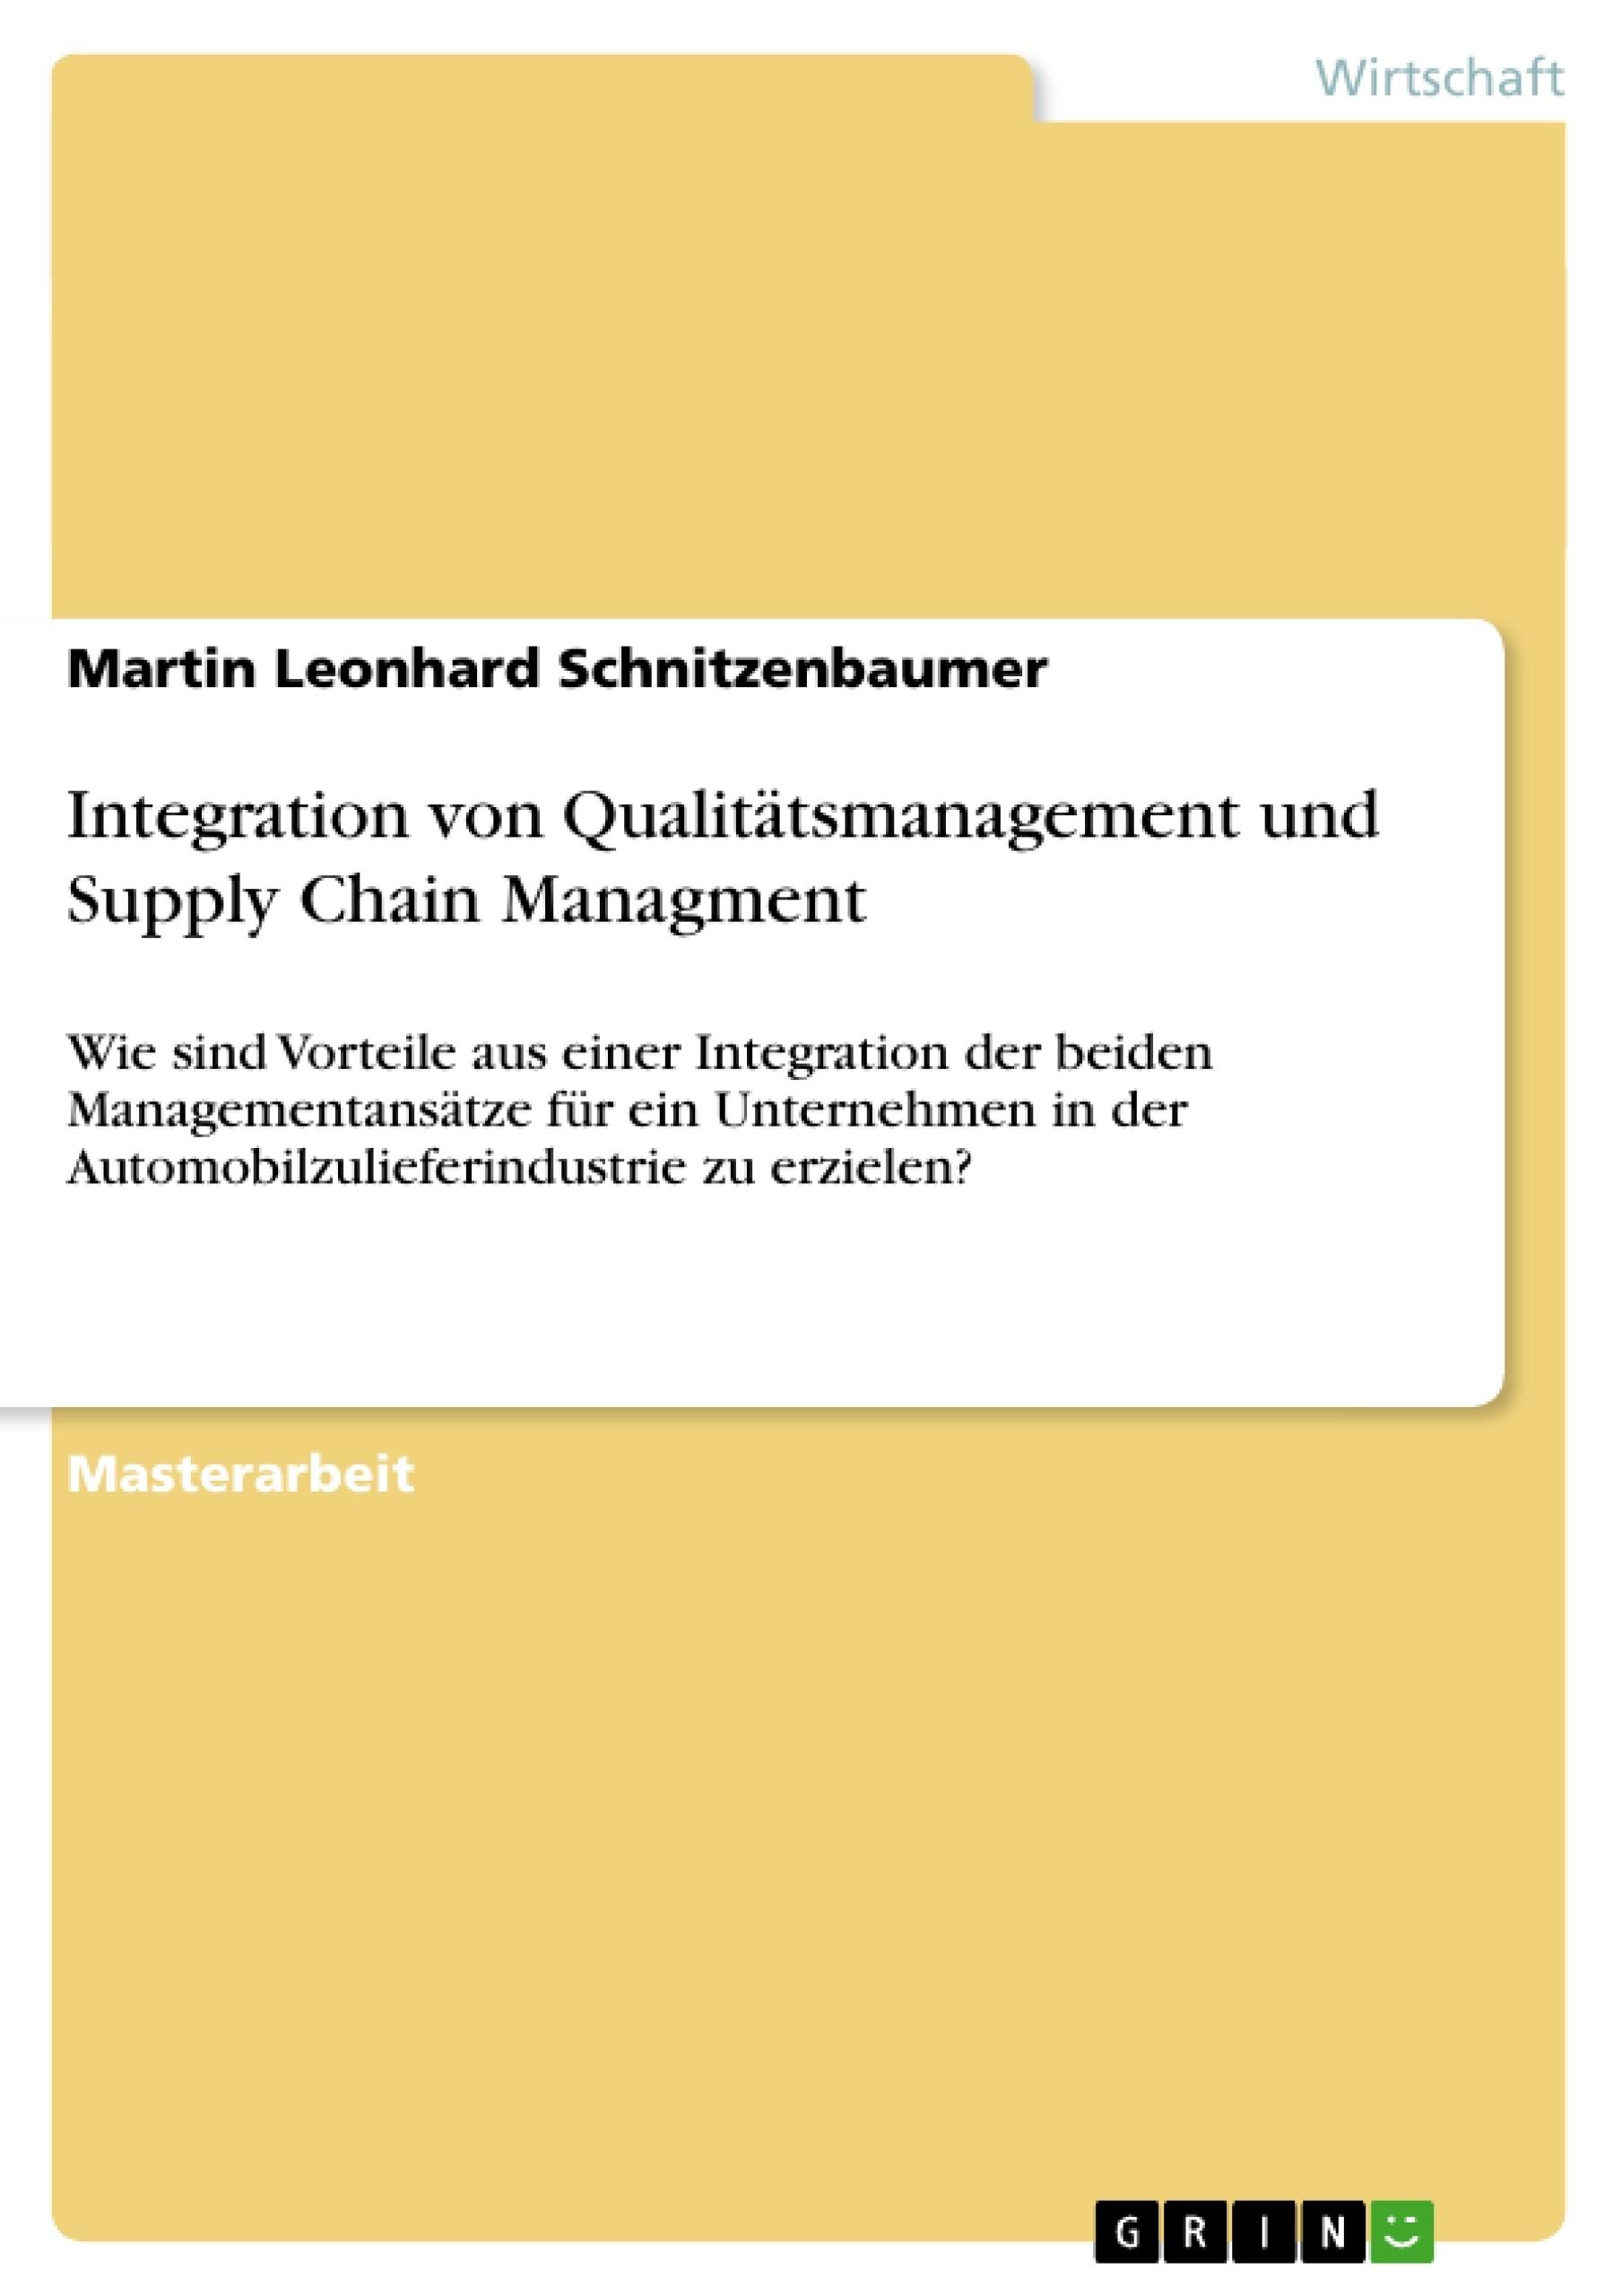 Titel: Integration von Qualitätsmanagement und Supply Chain Managment